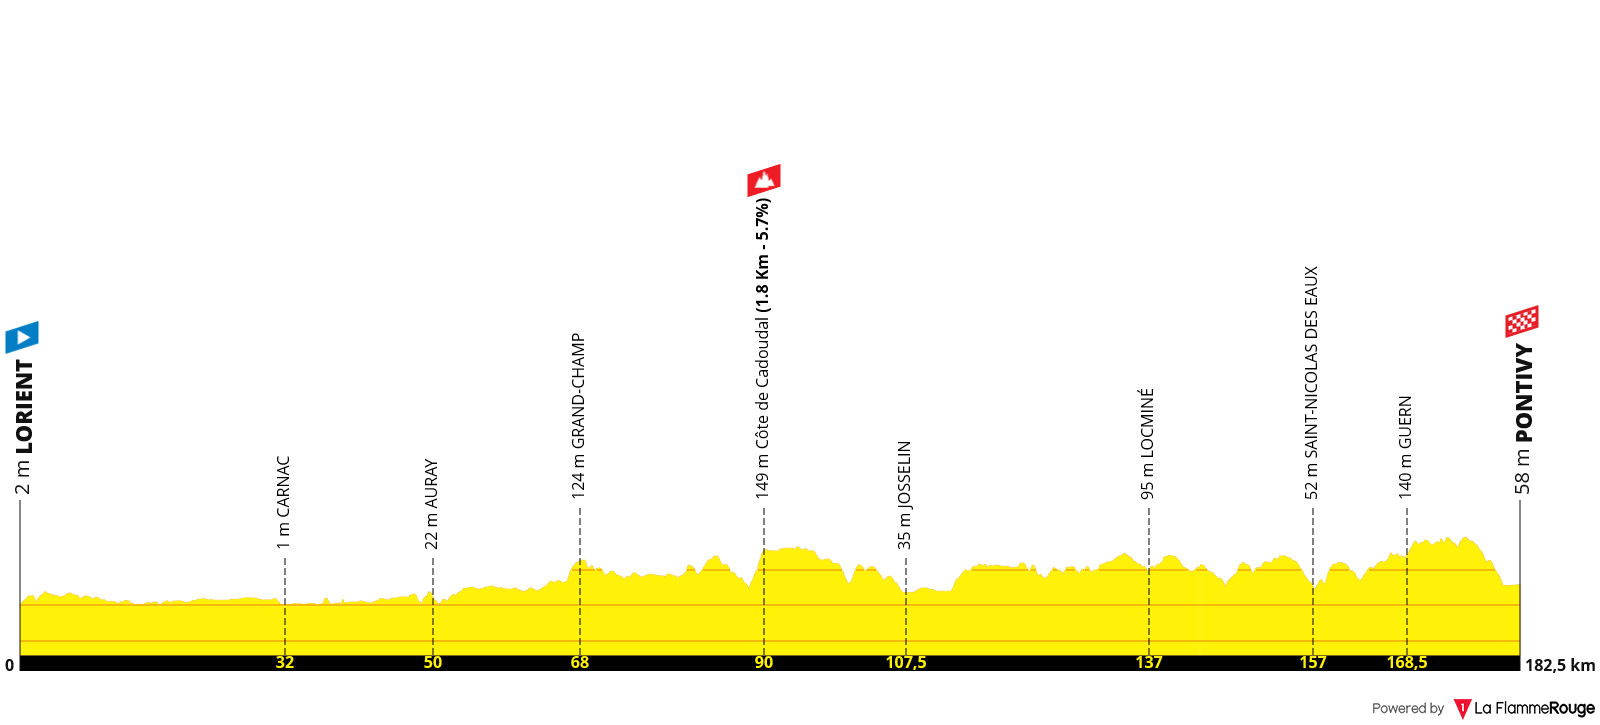 Etapa 03 - Tour de Francia 2021